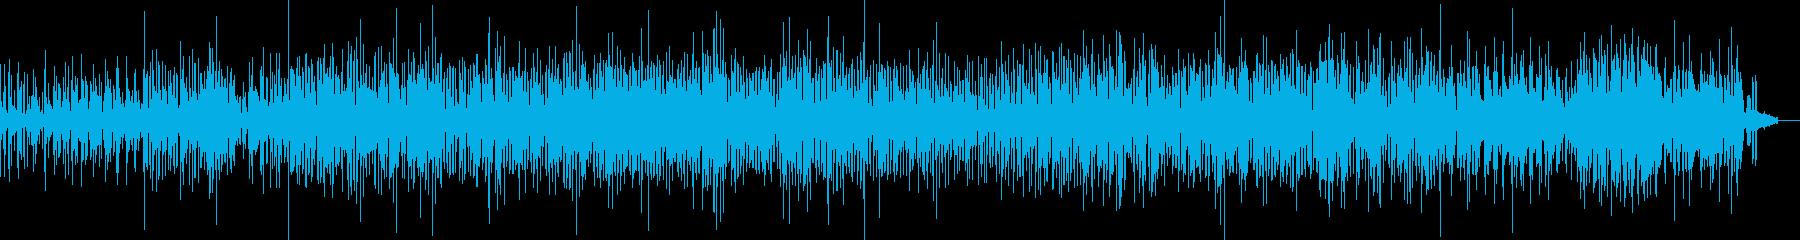 おしゃれに奏でるジャズ・ワルツの再生済みの波形